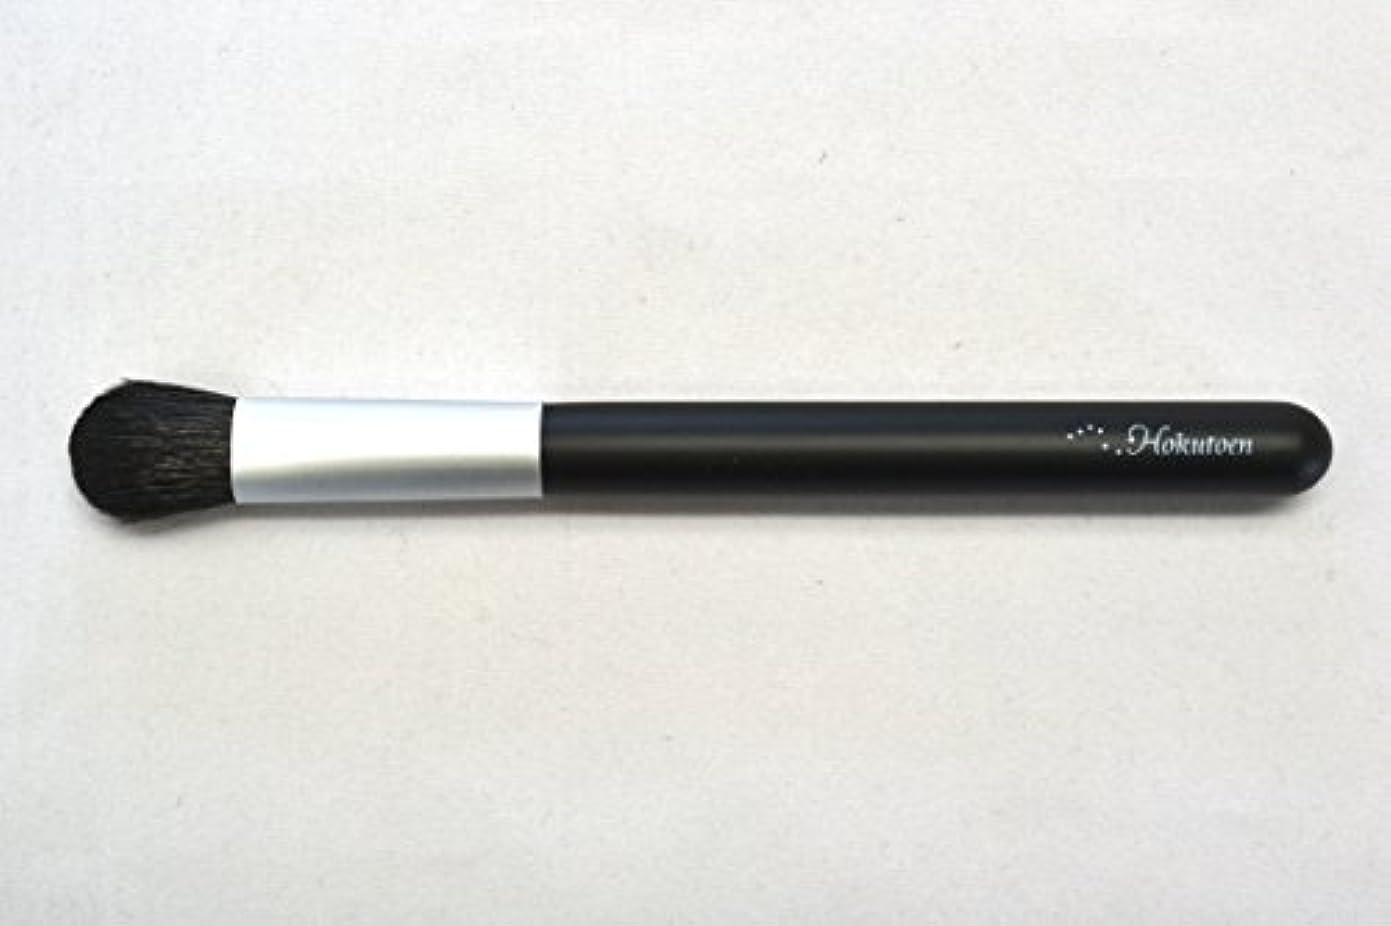 申込みチェリー印象派熊野筆 北斗園 Kシリーズ アイシャドウブラシ丸型(黒銀)